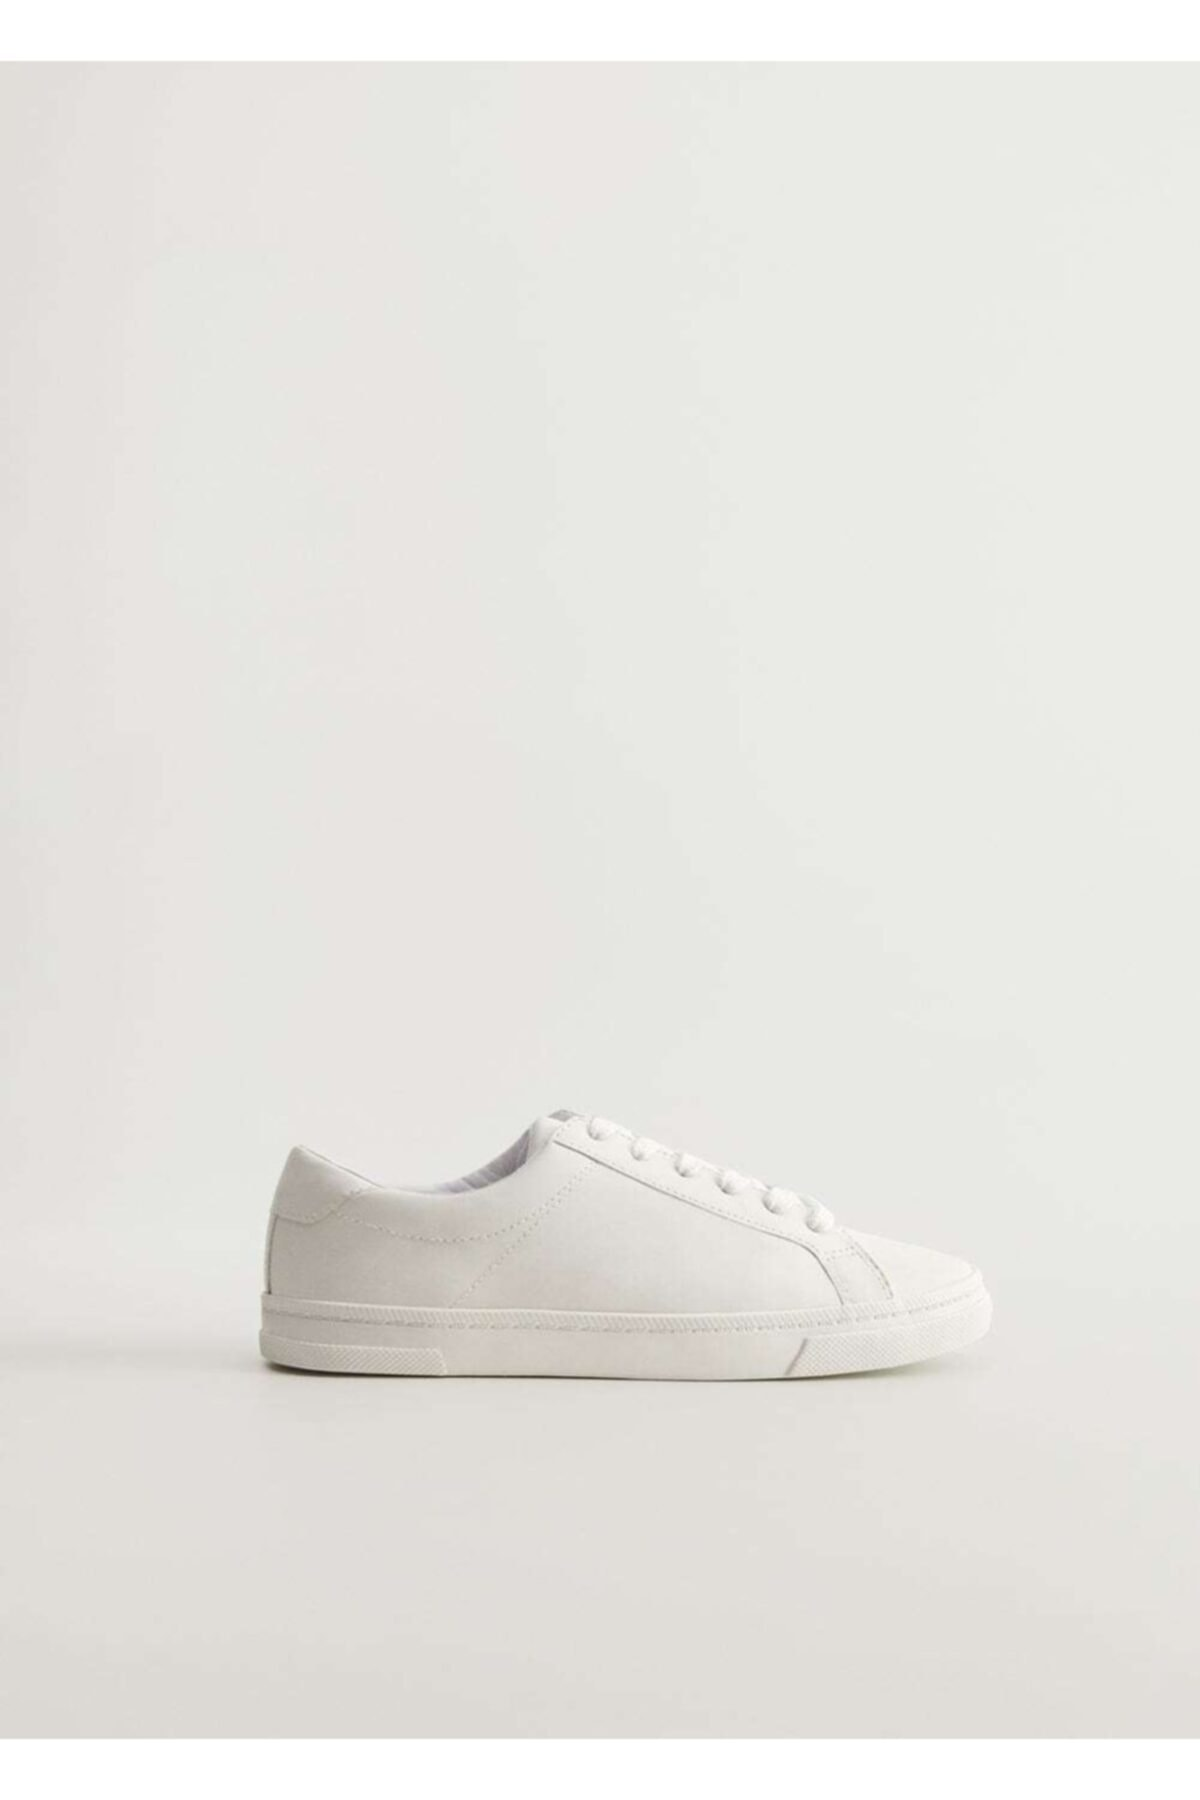 MANGO Woman Kadın Beyaz Bağcıklı Basic Spor Ayakkabı 77090550 1